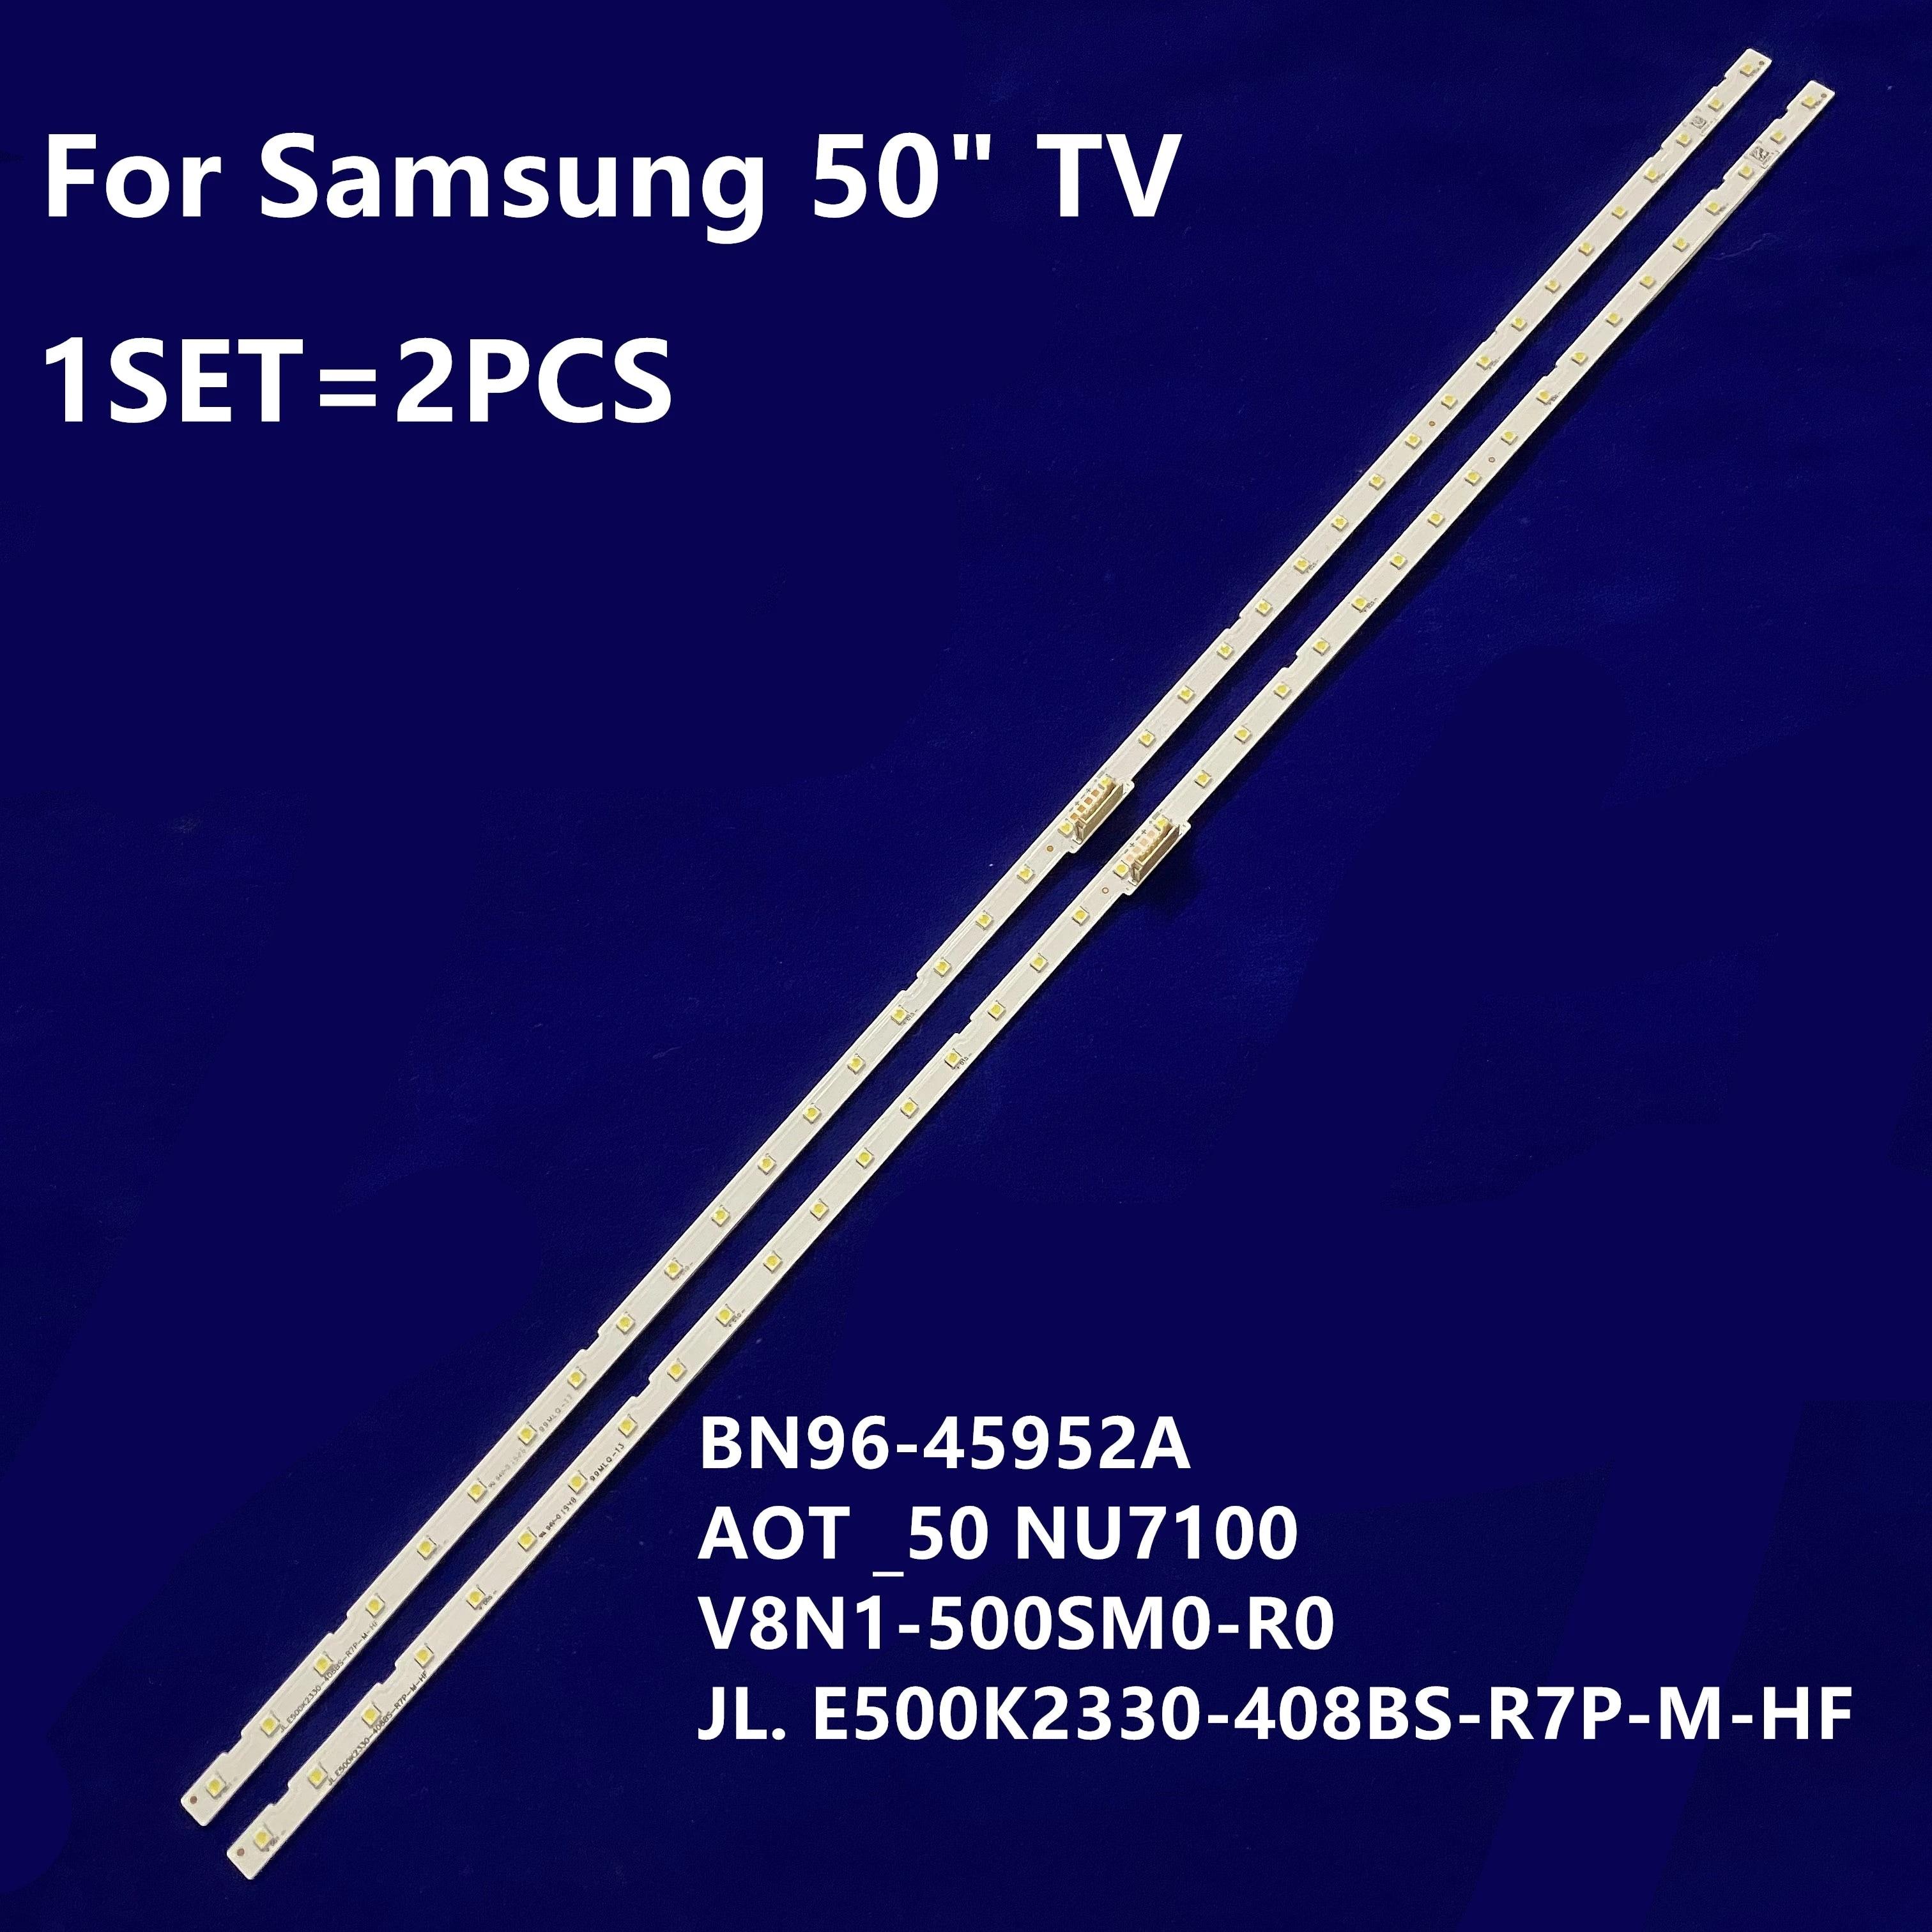 10 قطعة LED الخلفية قطاع لسامسونج UN50RU7100 UE50NU7100 UE50NU7020 50NU7400 BN96-45952A 45962A UN50NU7100 LM41-00564a 46034A